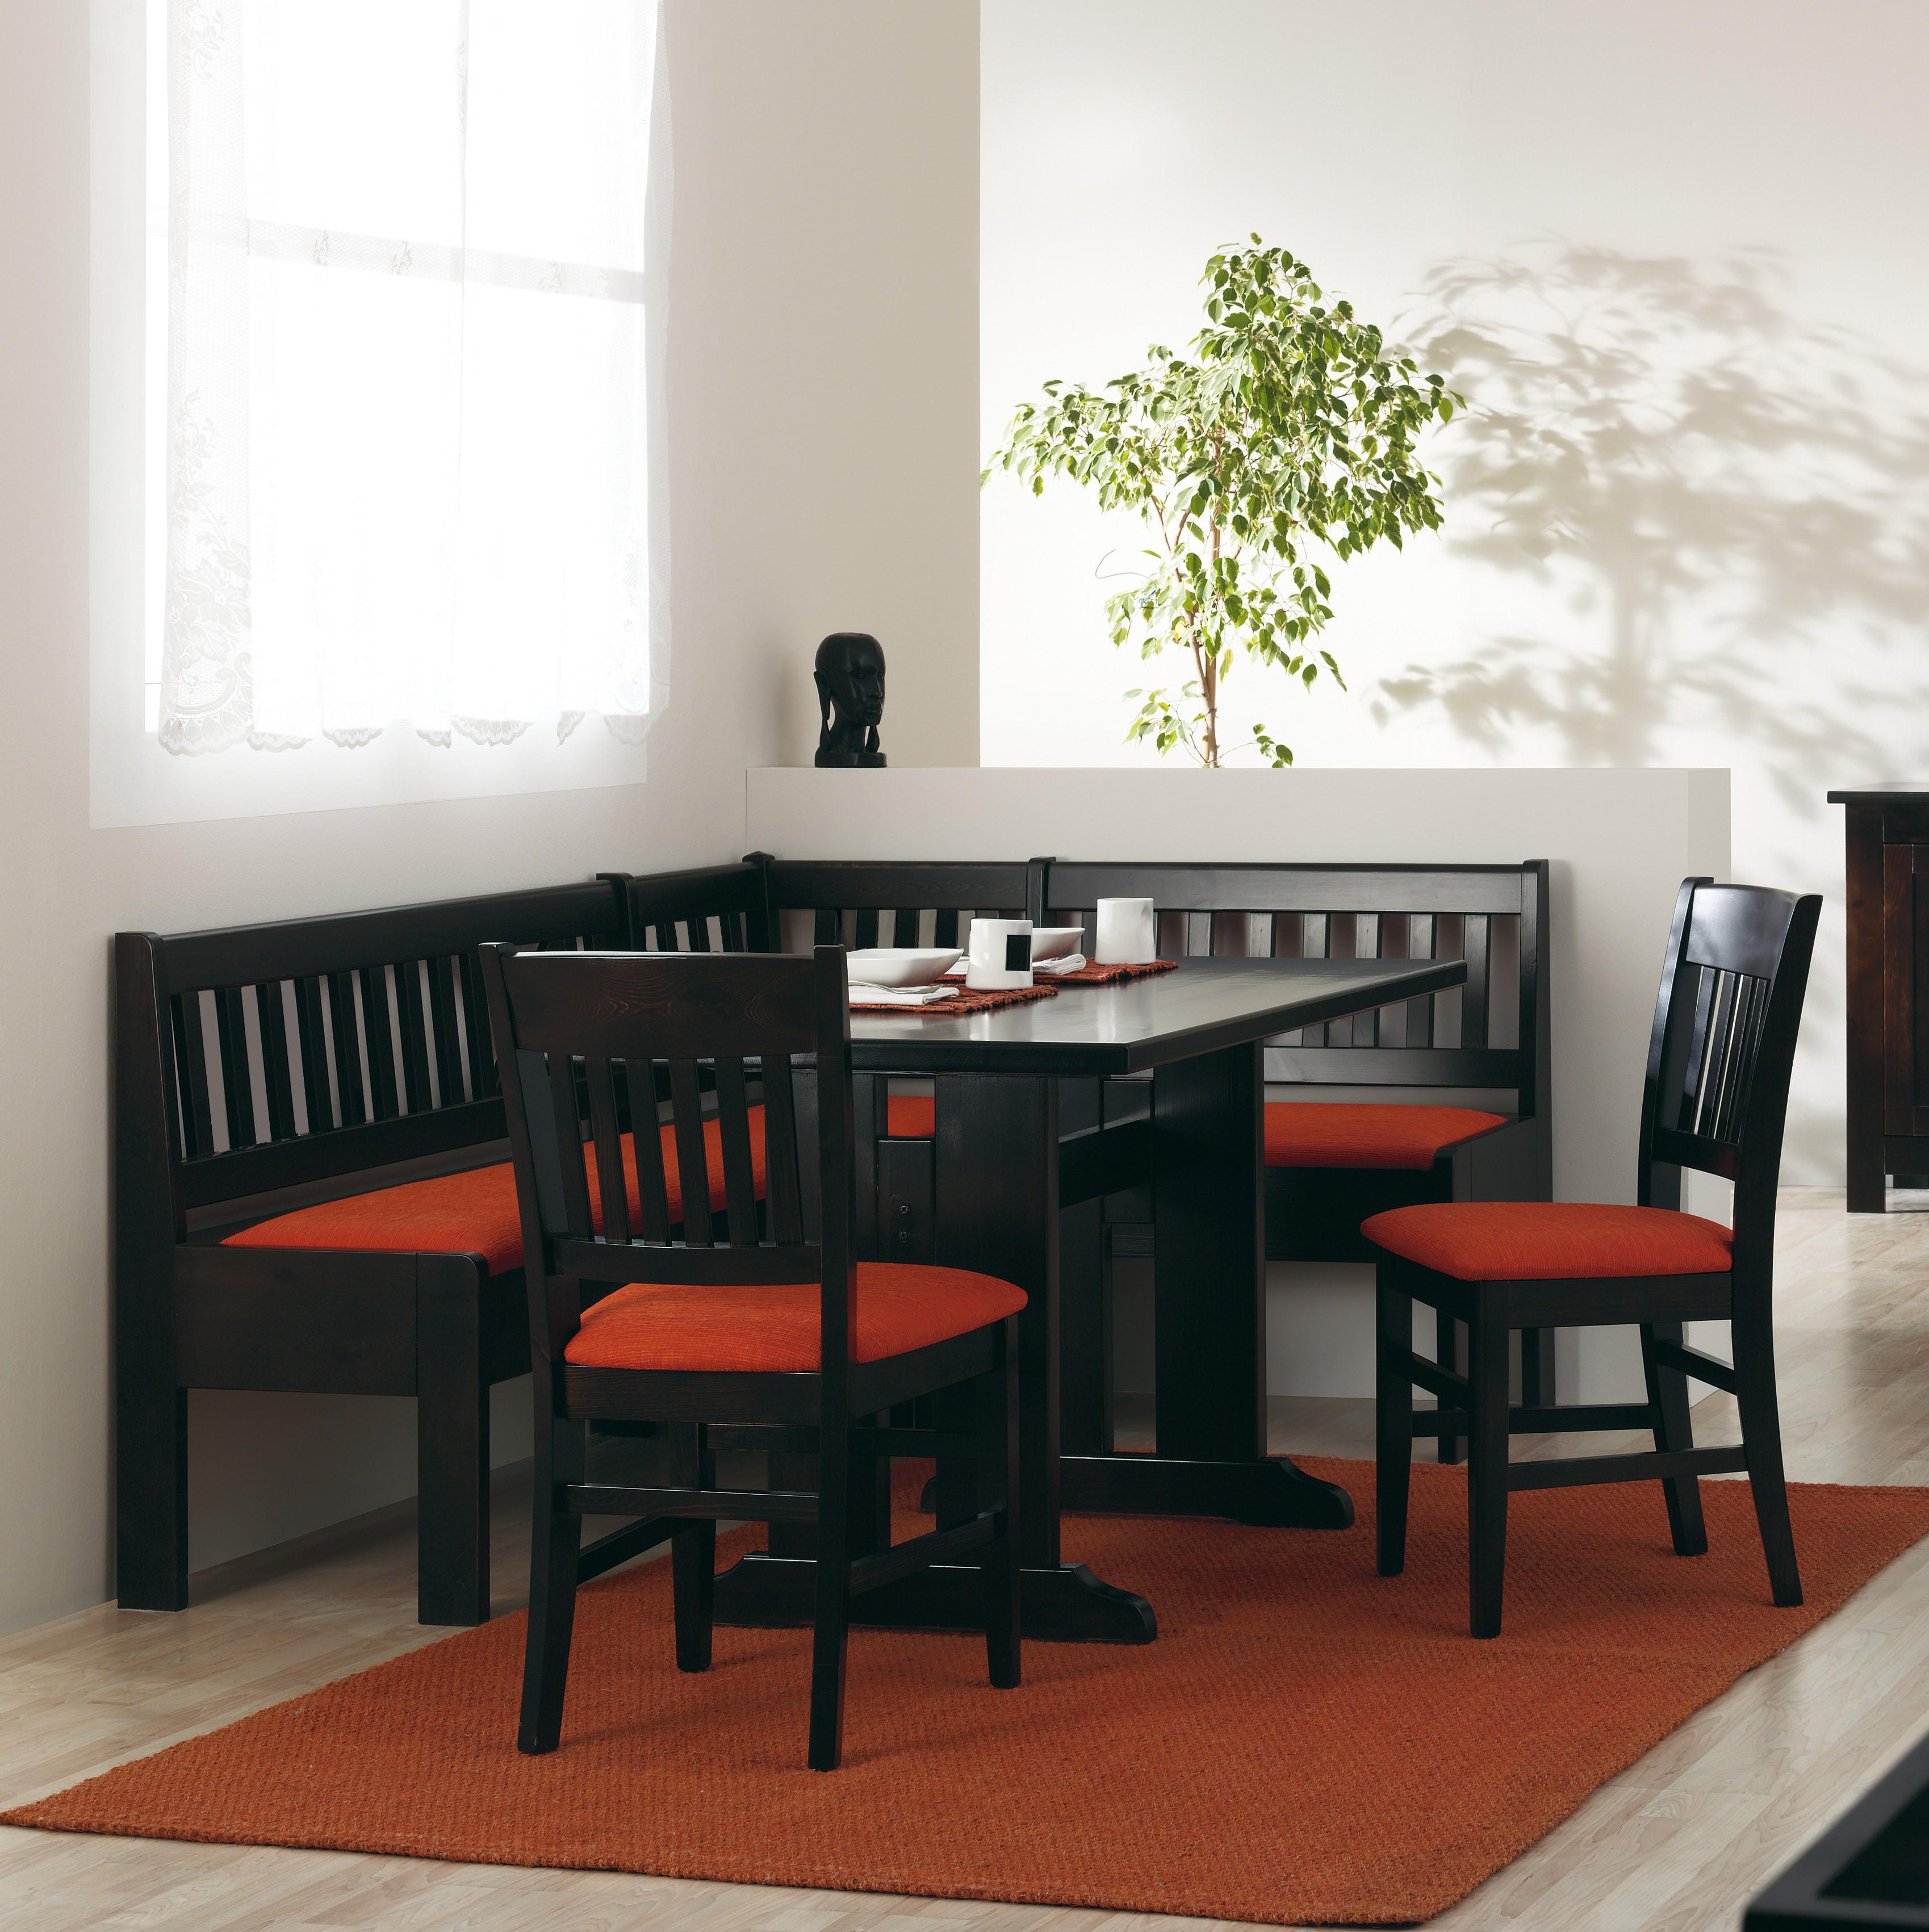 Serie-BEN-und-Tisch-BENO-bearbeitetSK9GupVm5d6mu